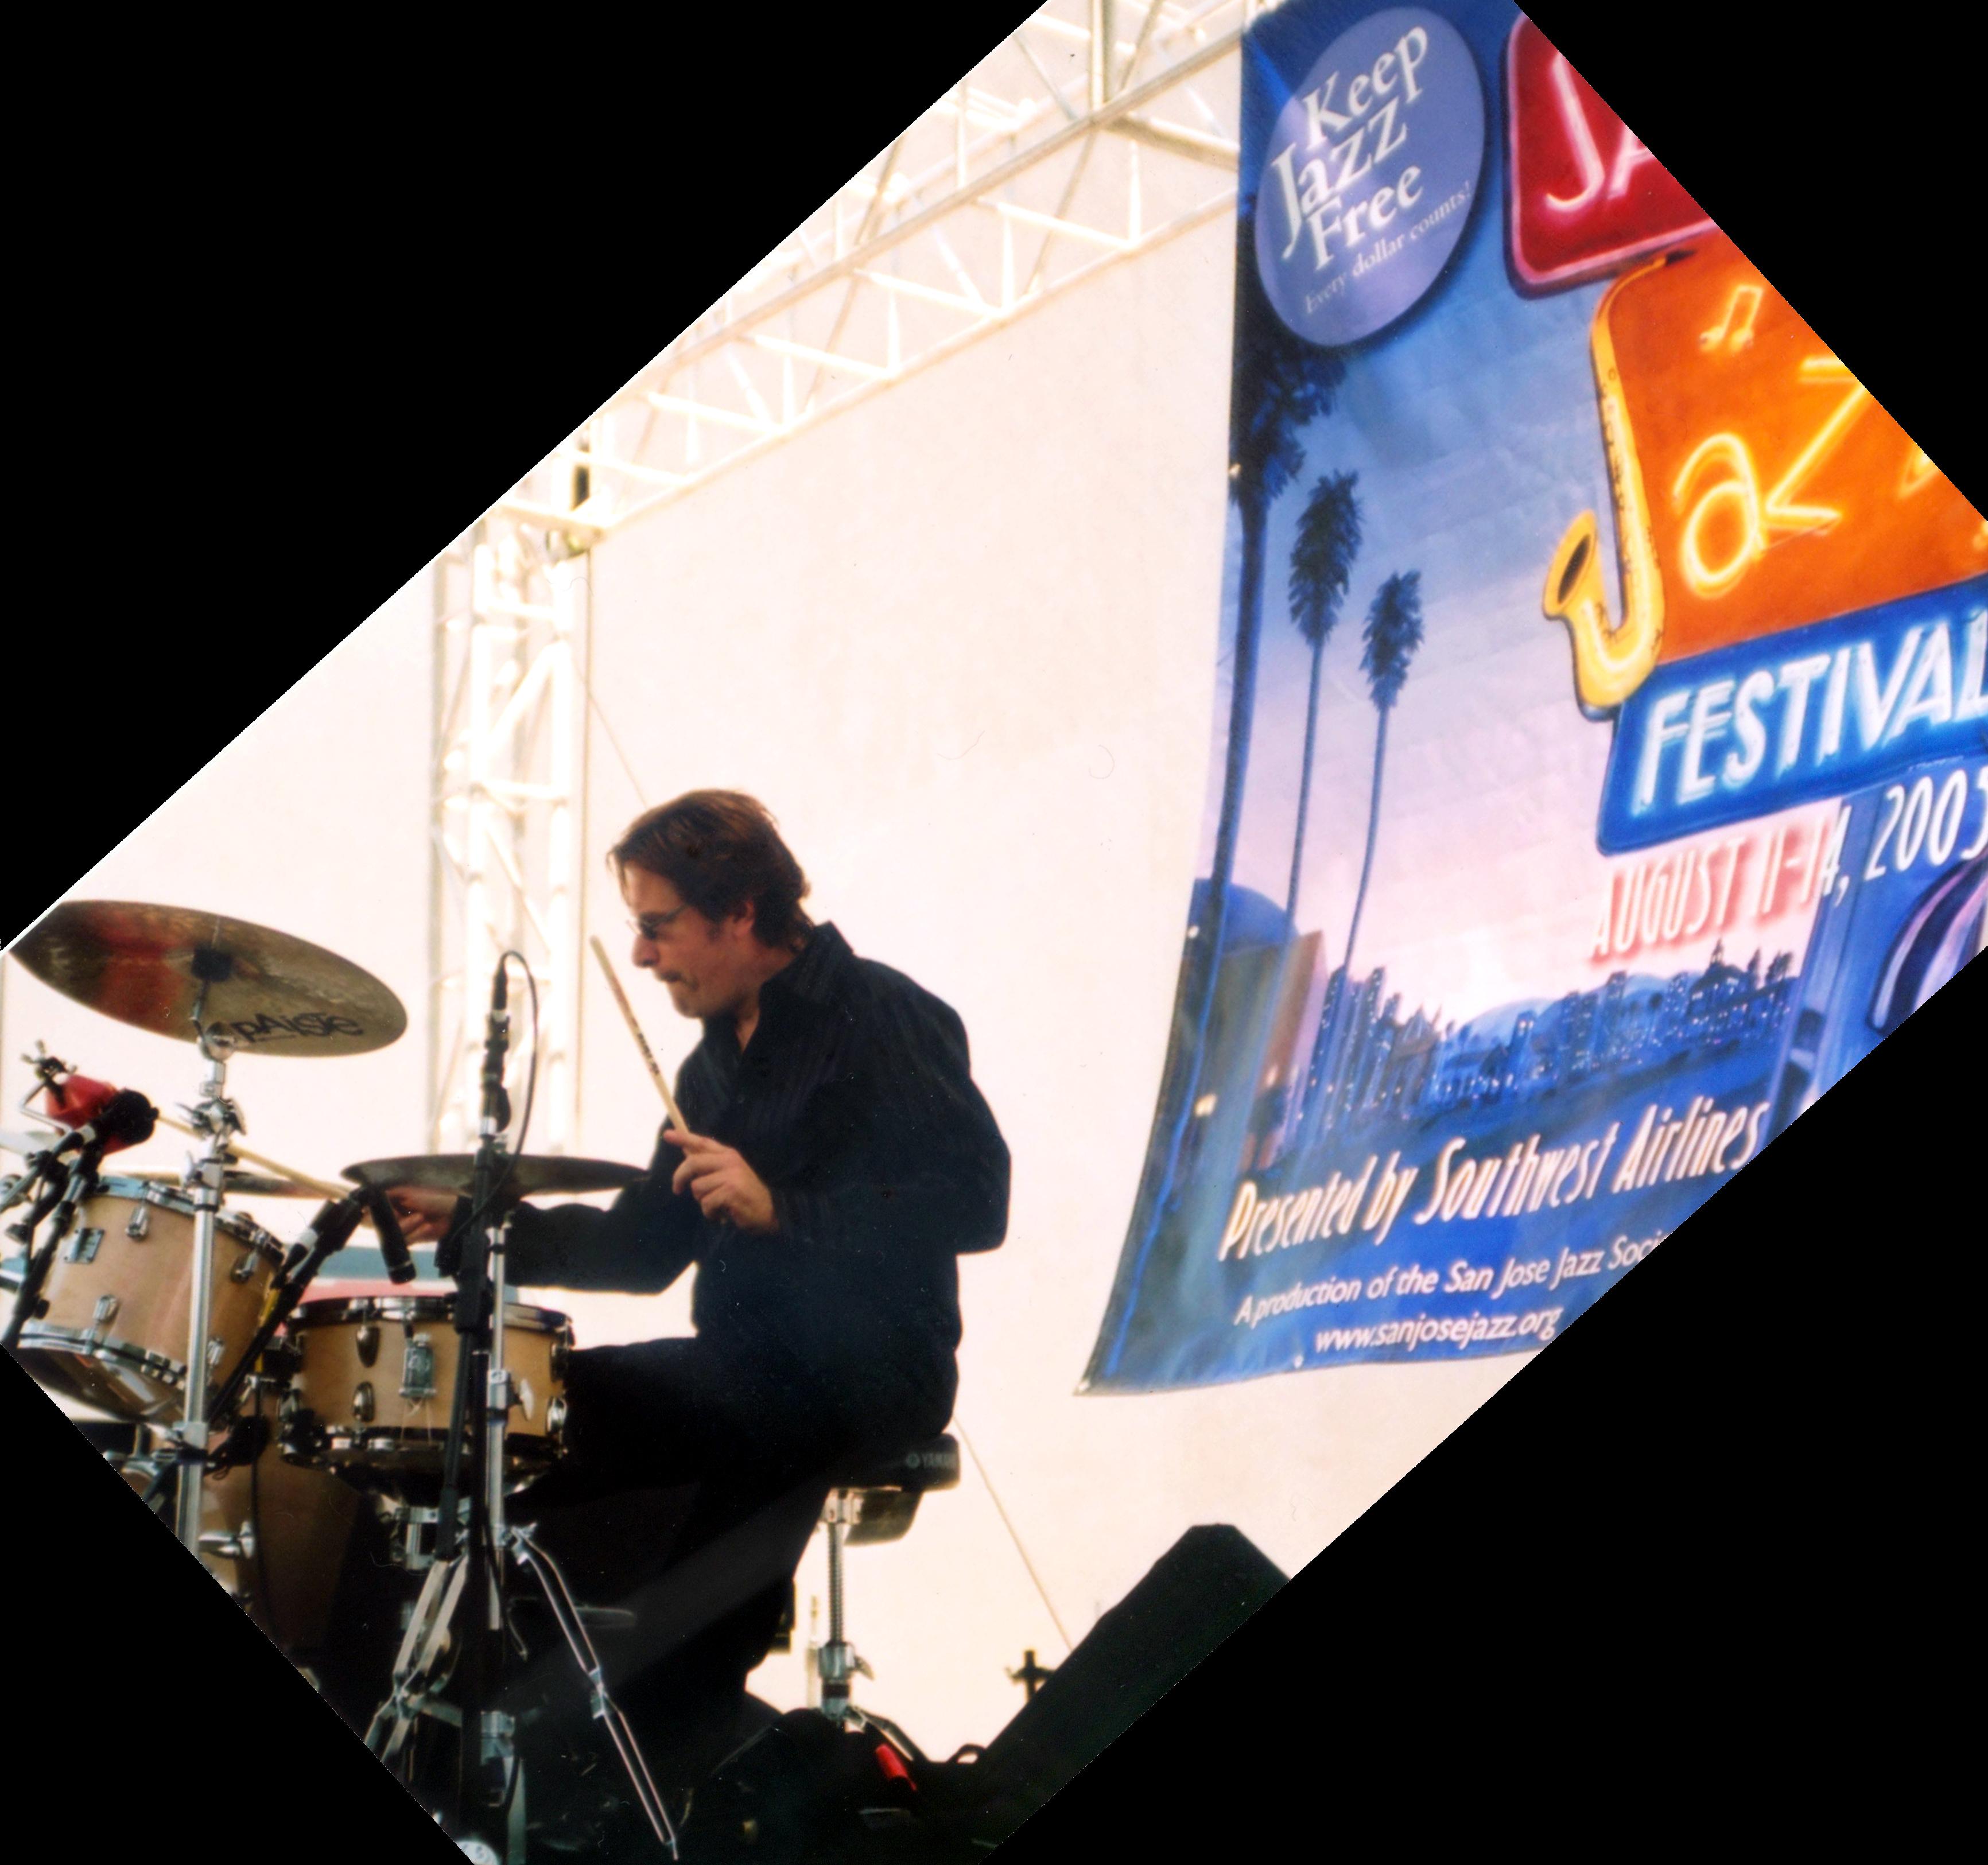 Paul van Wageningen, drummer - San Jose, CA